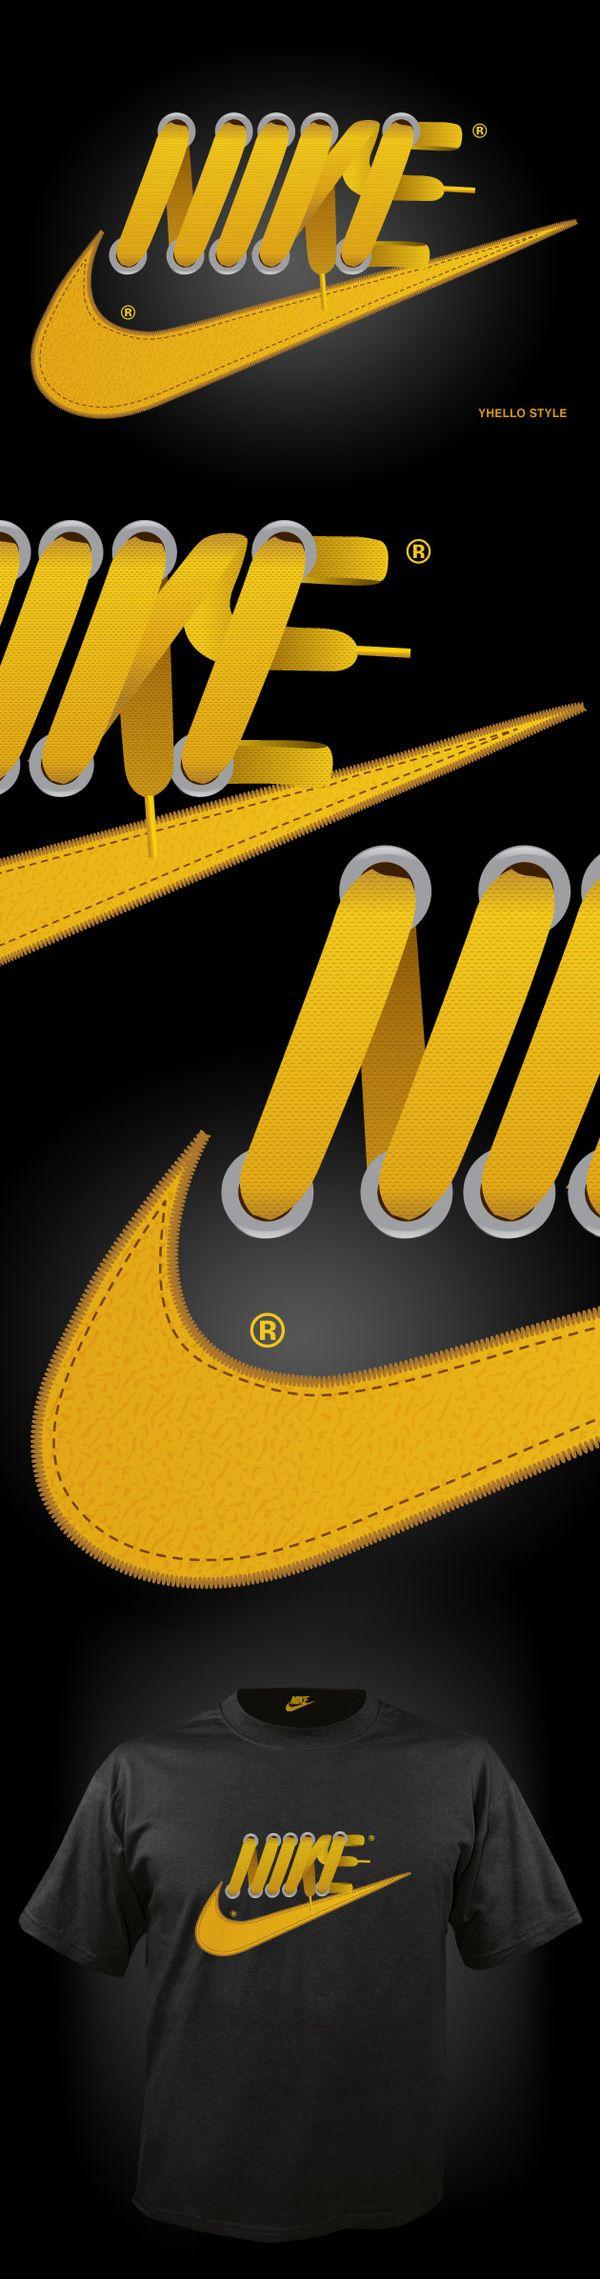 """""""Nike Laces"""" és un treball del dissenyador Hugo Silva, que uneix el logo de Nike amb els cordills de les vambes. (via Abduzeedo Design Inspiration & Tutorials)"""